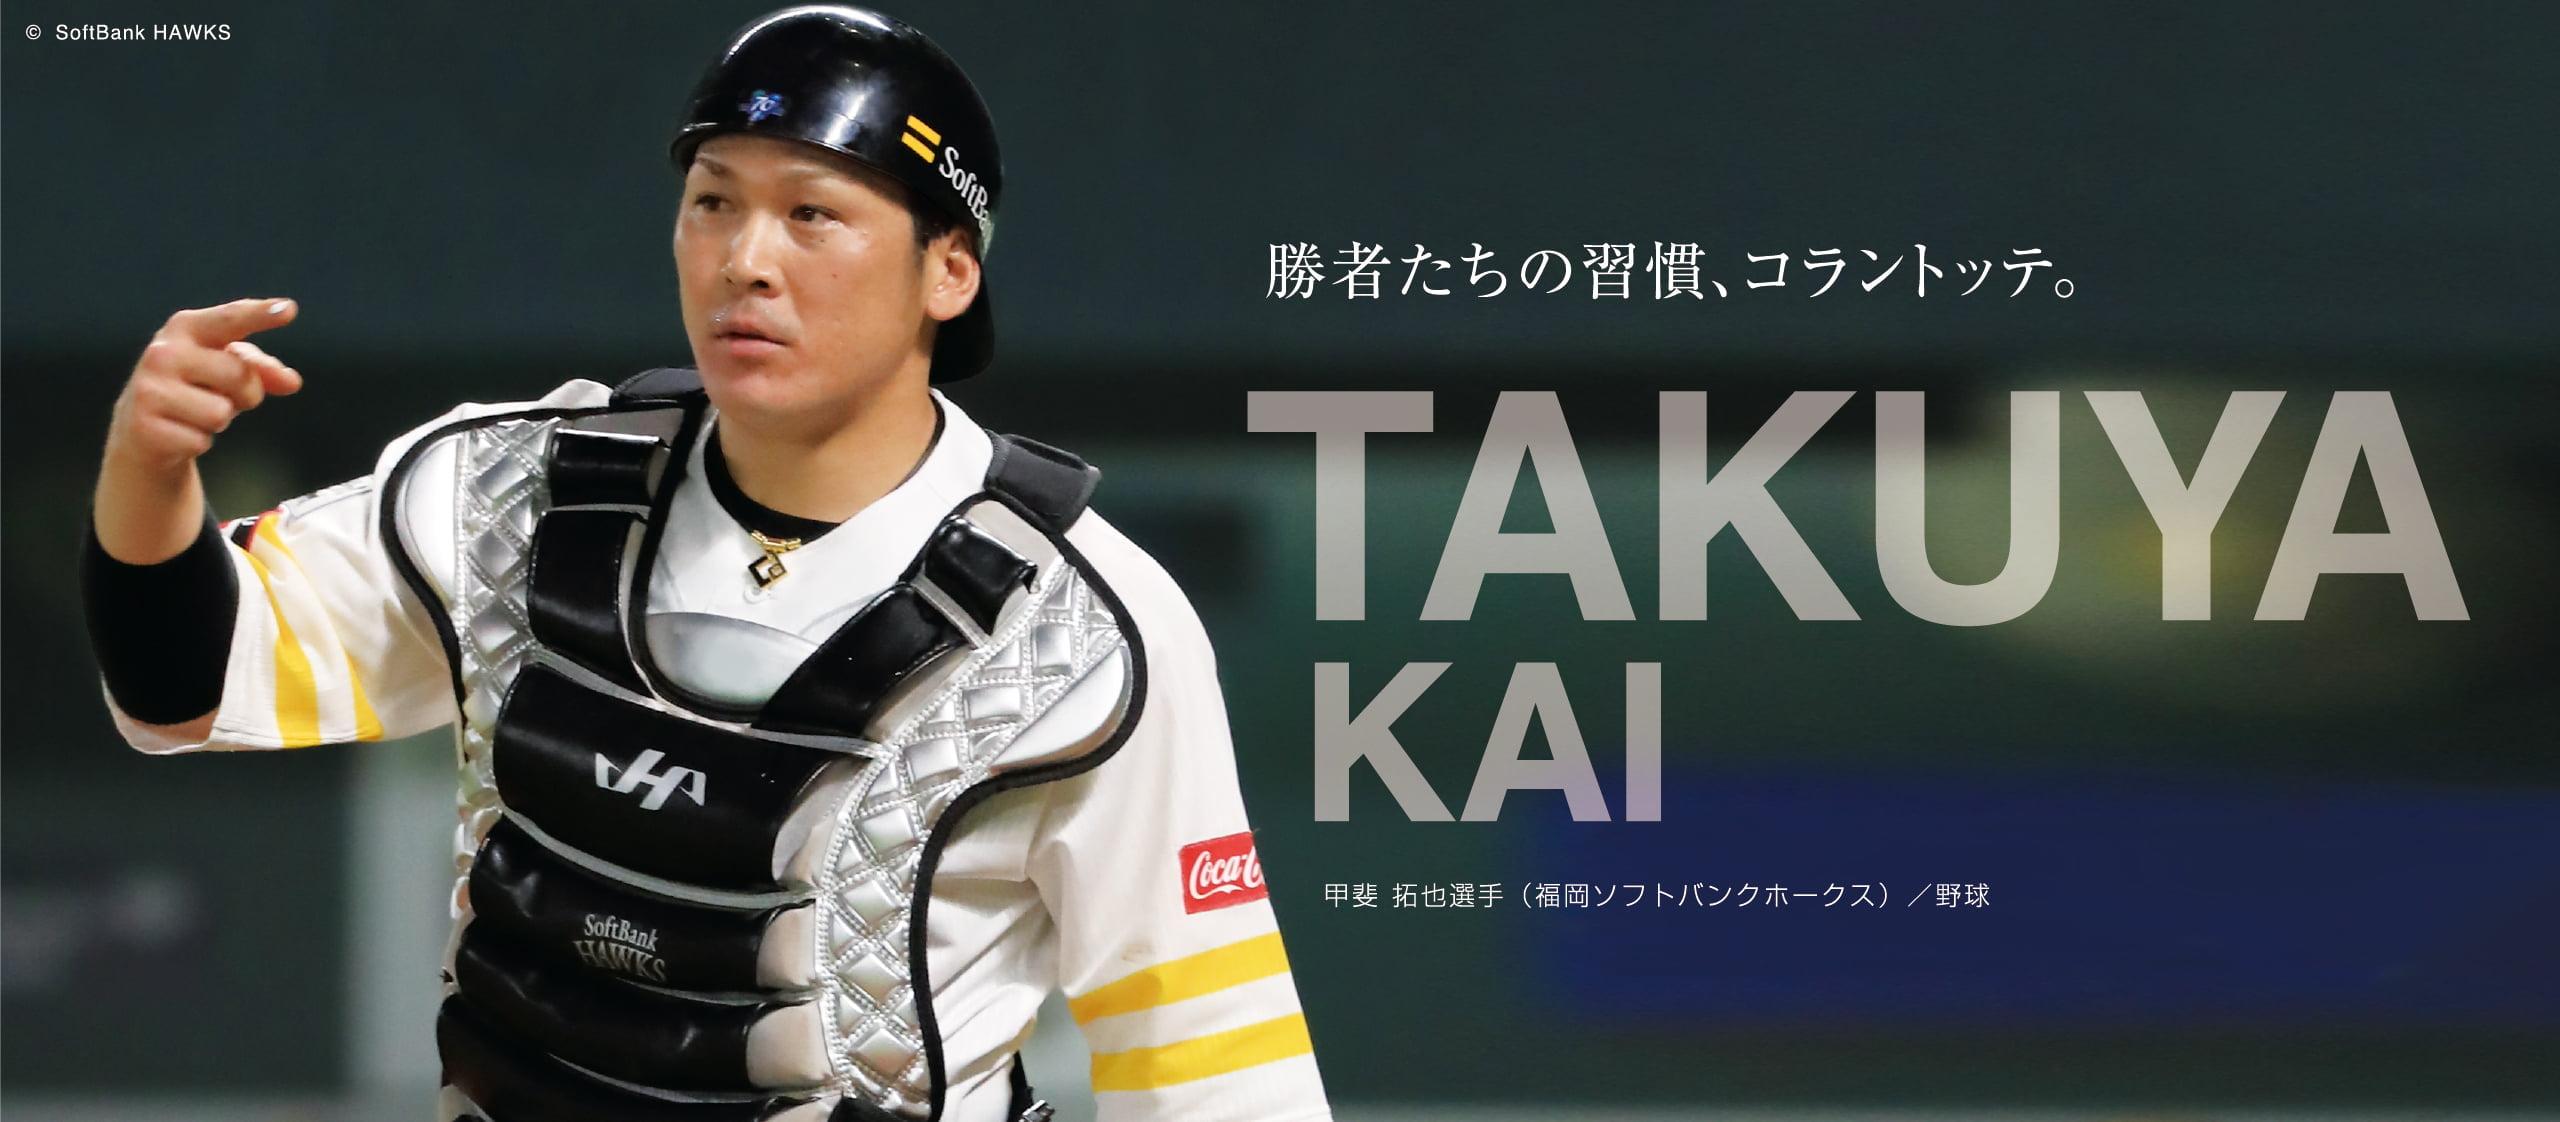 【アスリート特集】勝者たちの習慣、コラントッテ。 TAKUYA KAI 甲斐 拓也選手(福岡ソフトバンクホークス)/ 野球